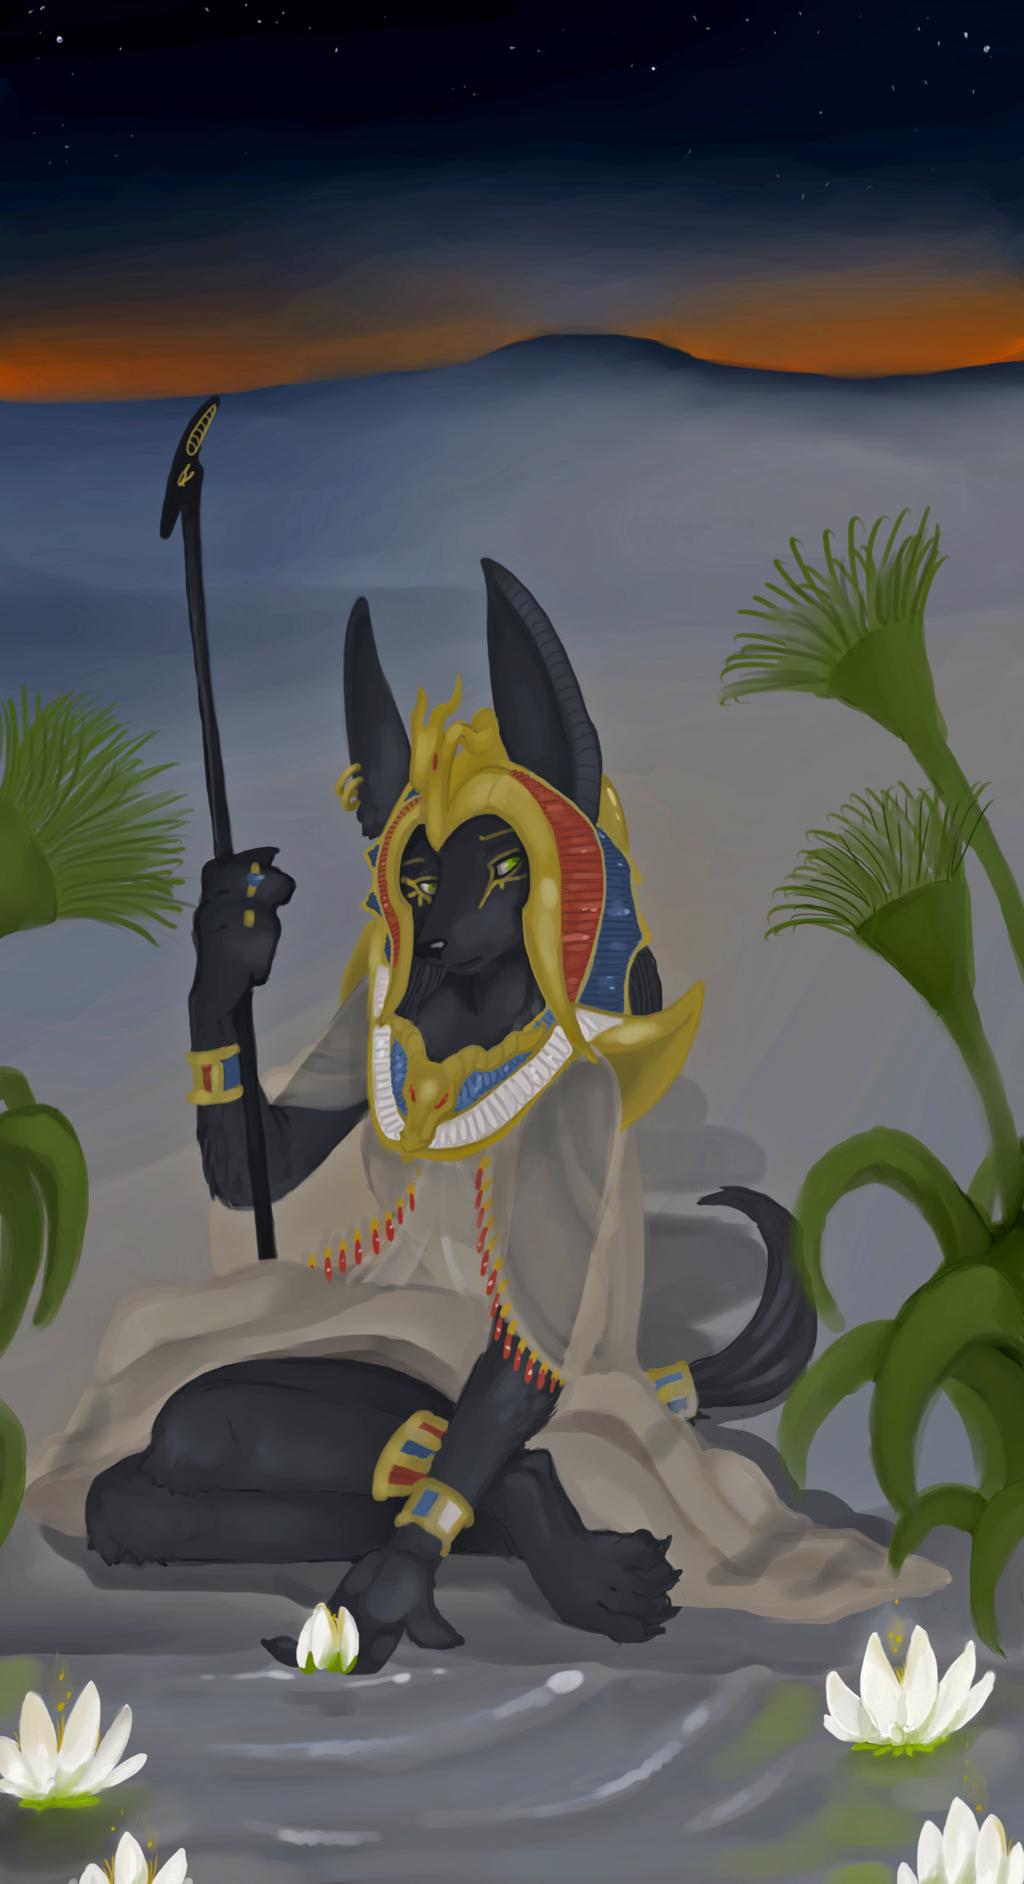 The Goddess of Lotus